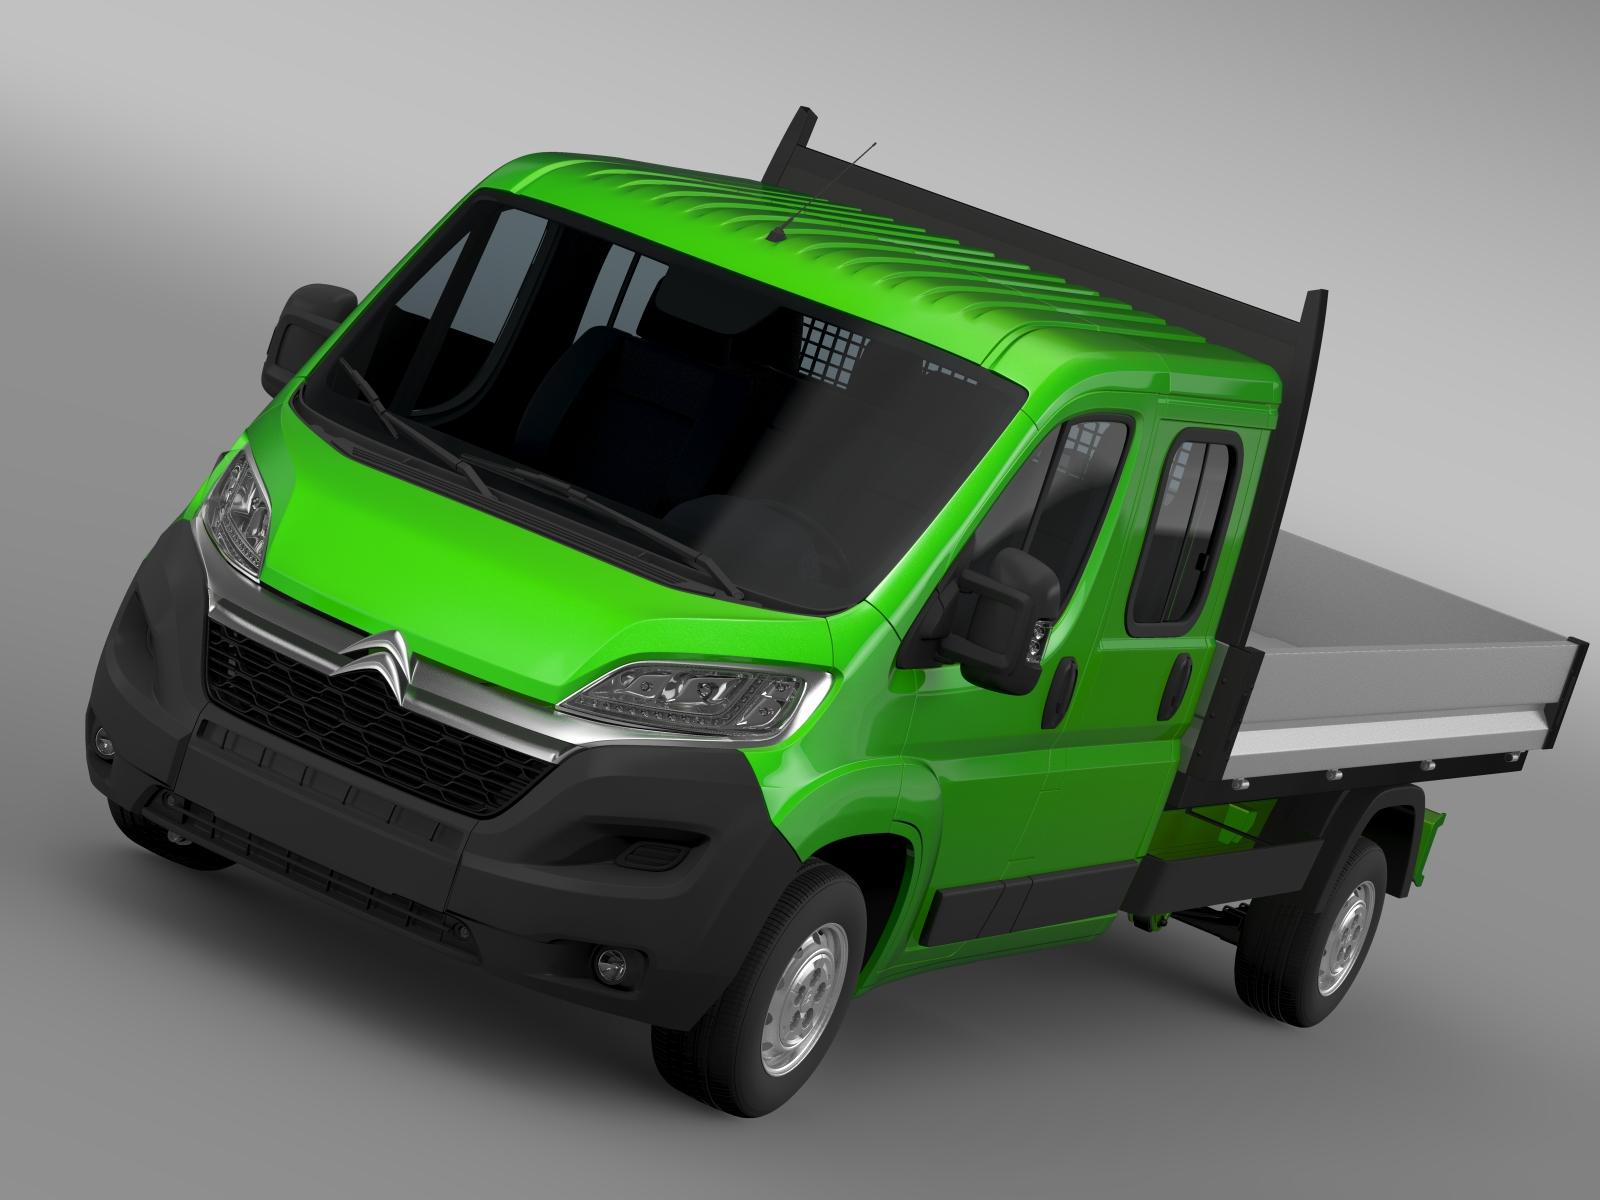 citroen przekaźnik załoga ciężarówki 2016 3d model 3ds max fbx c4d lwo ma mb hrc xsi obj 218702